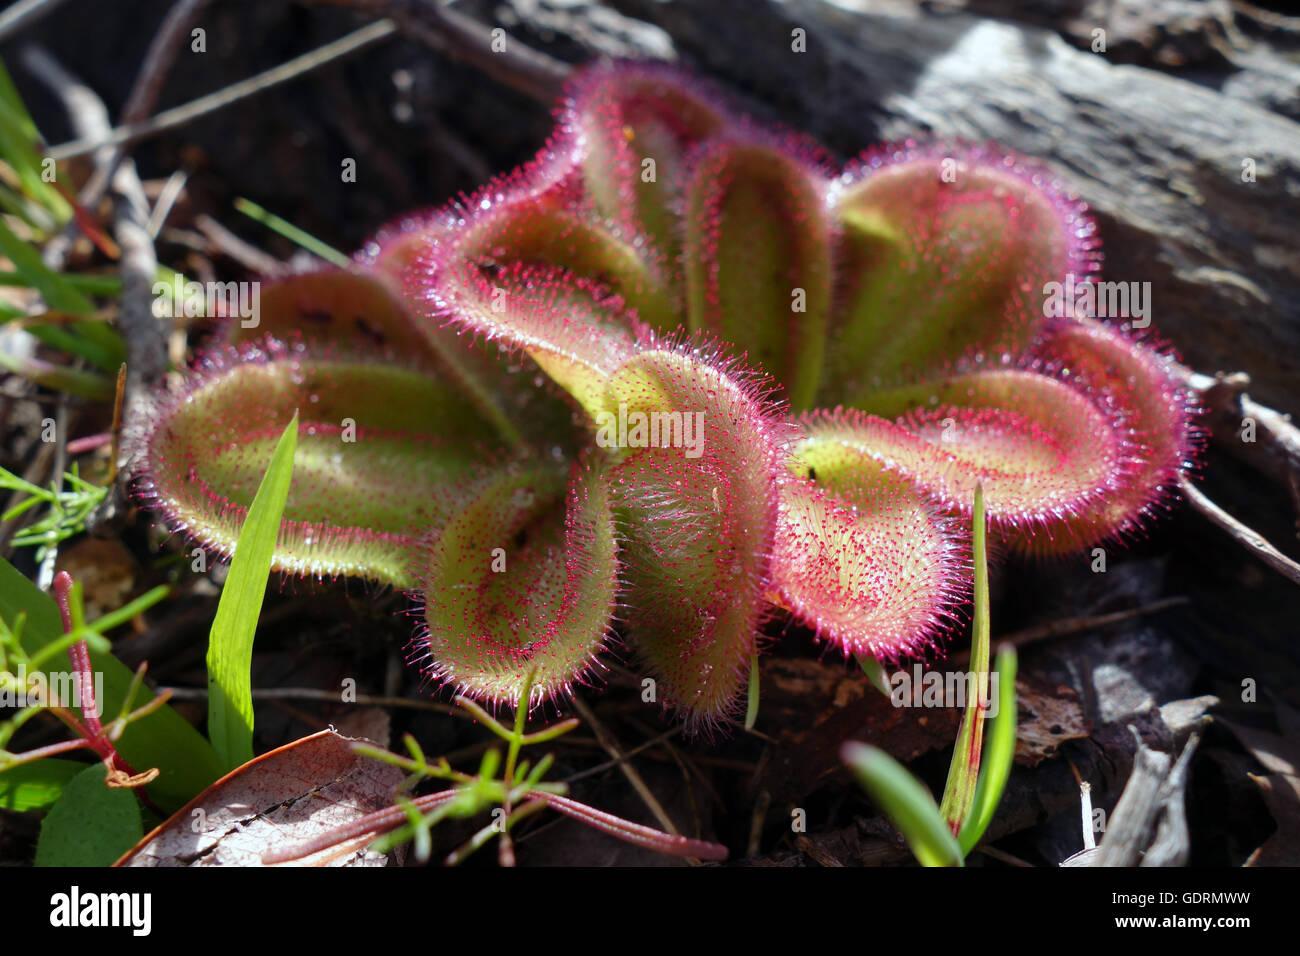 Pianta carnivora, Sundew (Drosera macrophylla), Roleystone, sulle colline di Perth, Perth, Western Australia Immagini Stock